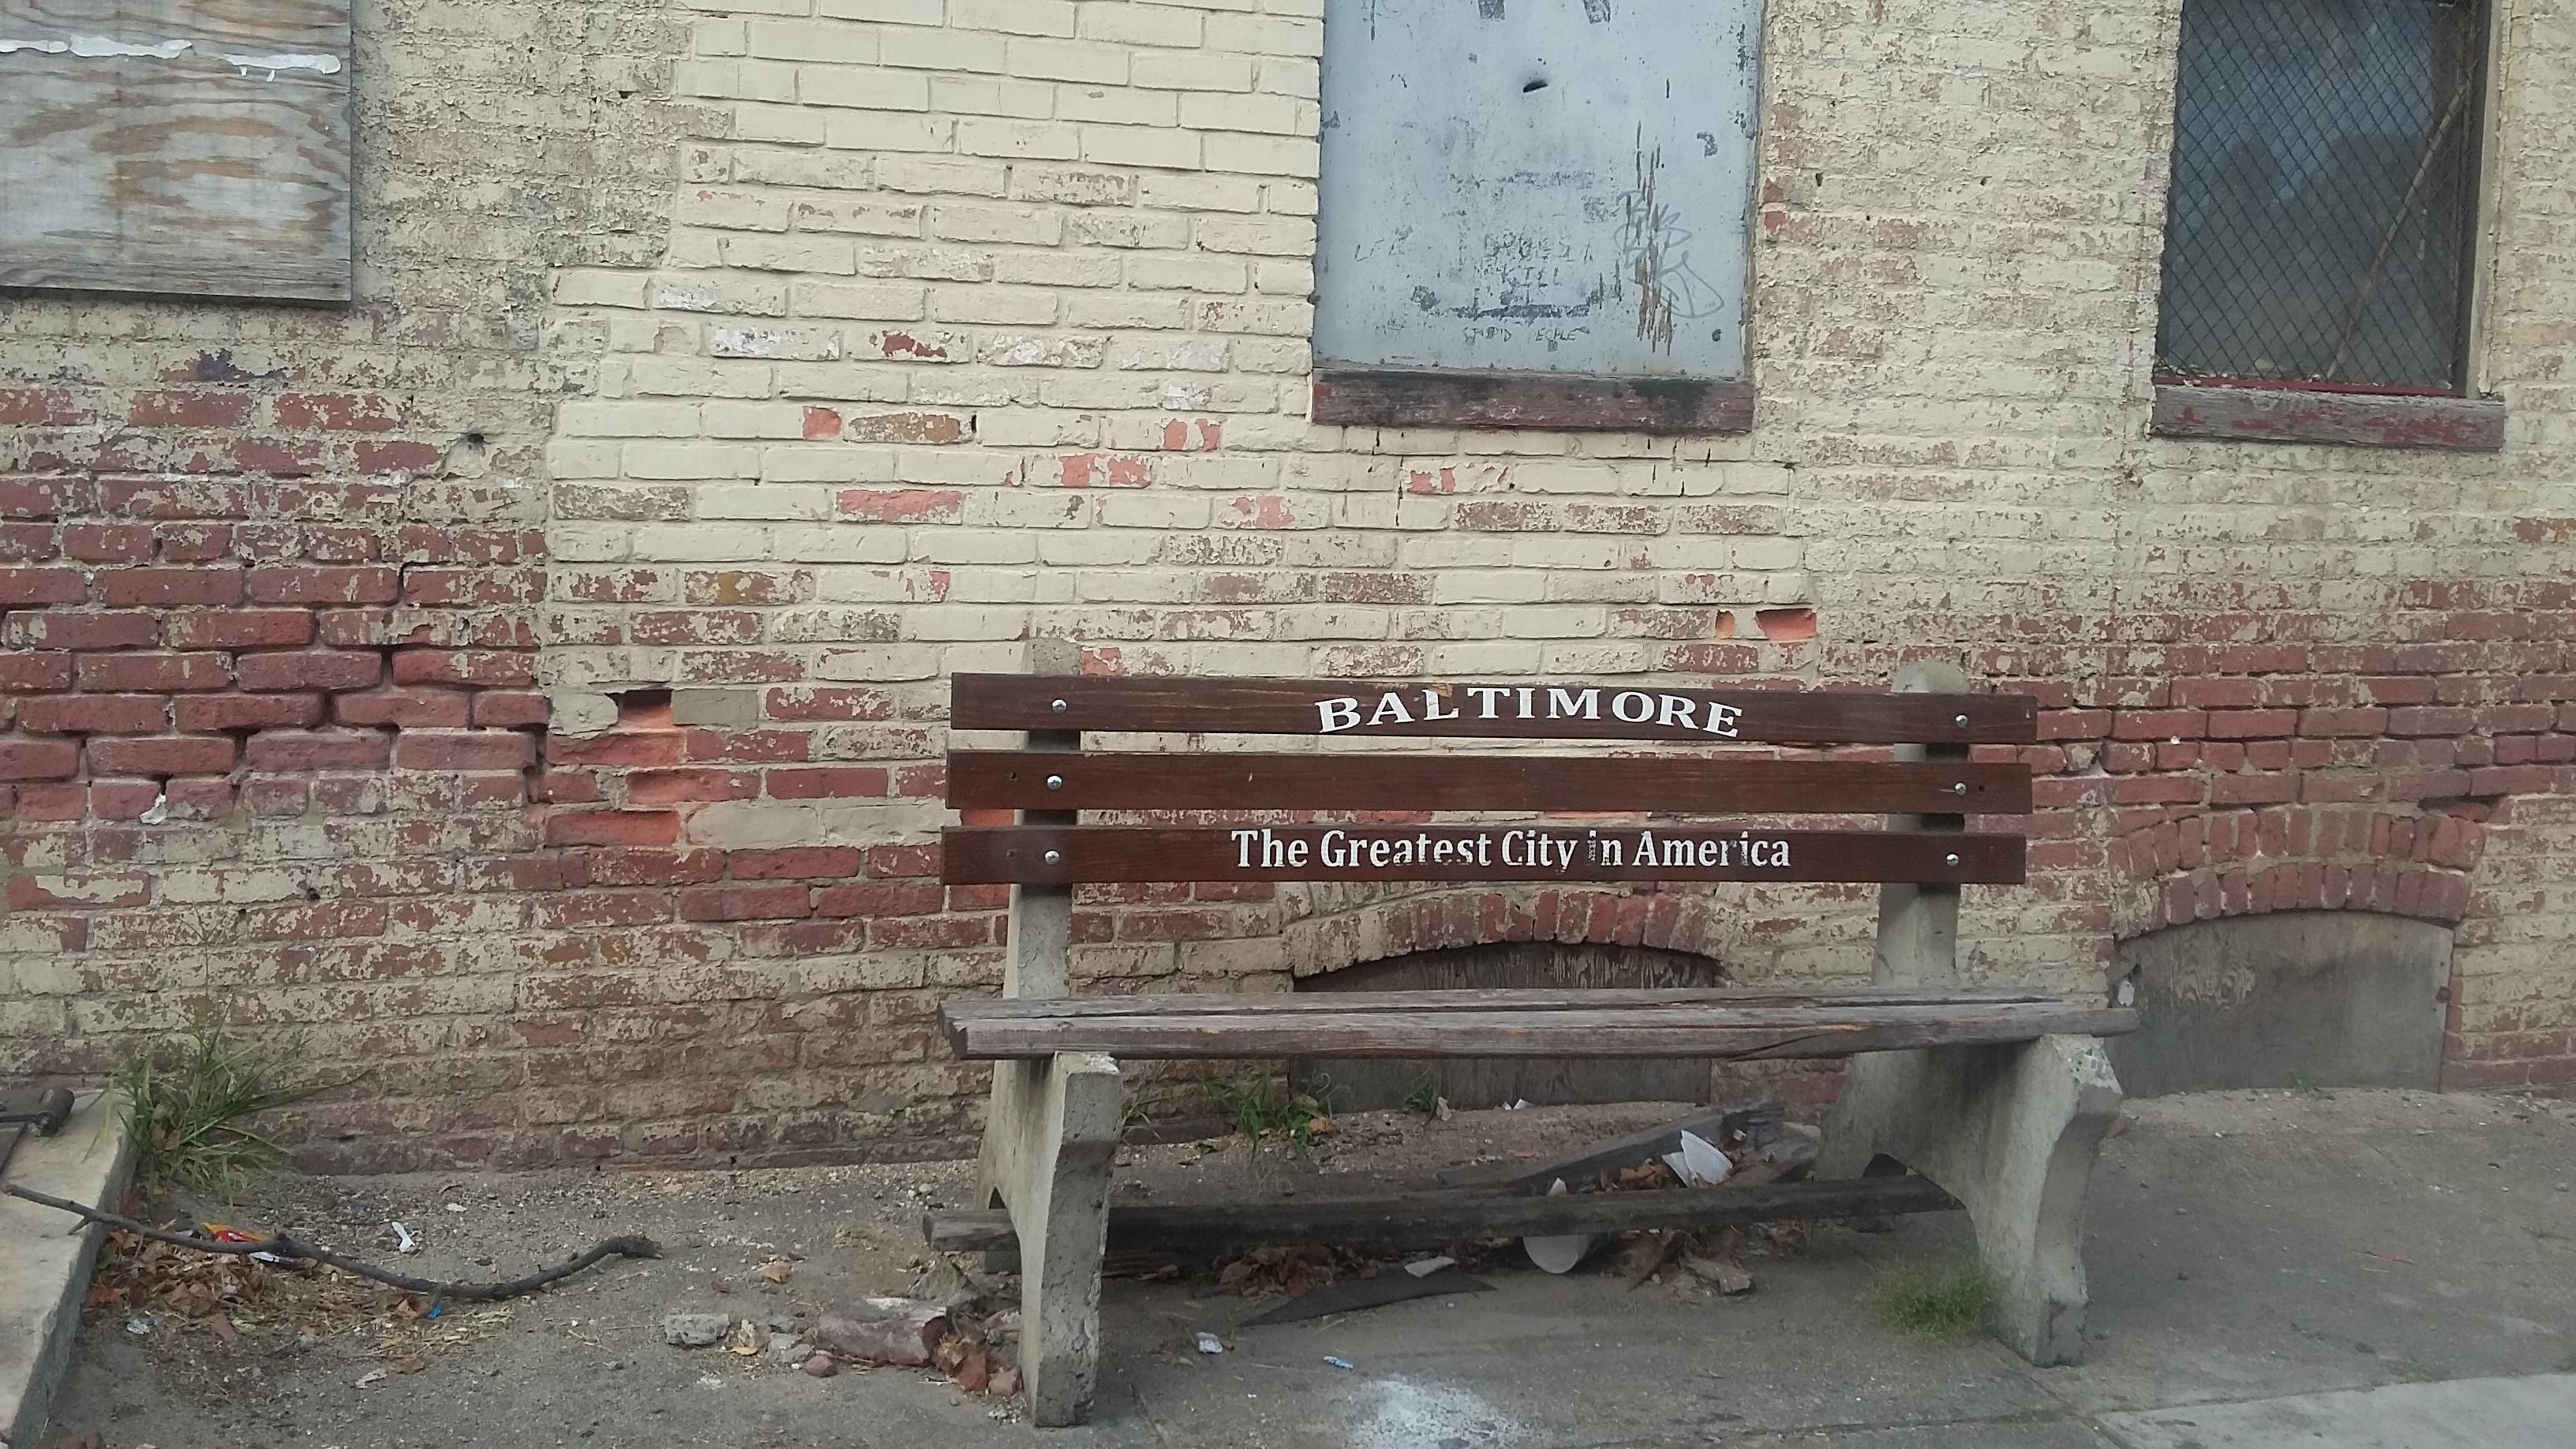 Lutte contre le trafic de drogues à Baltimore, une guerre discriminatoire